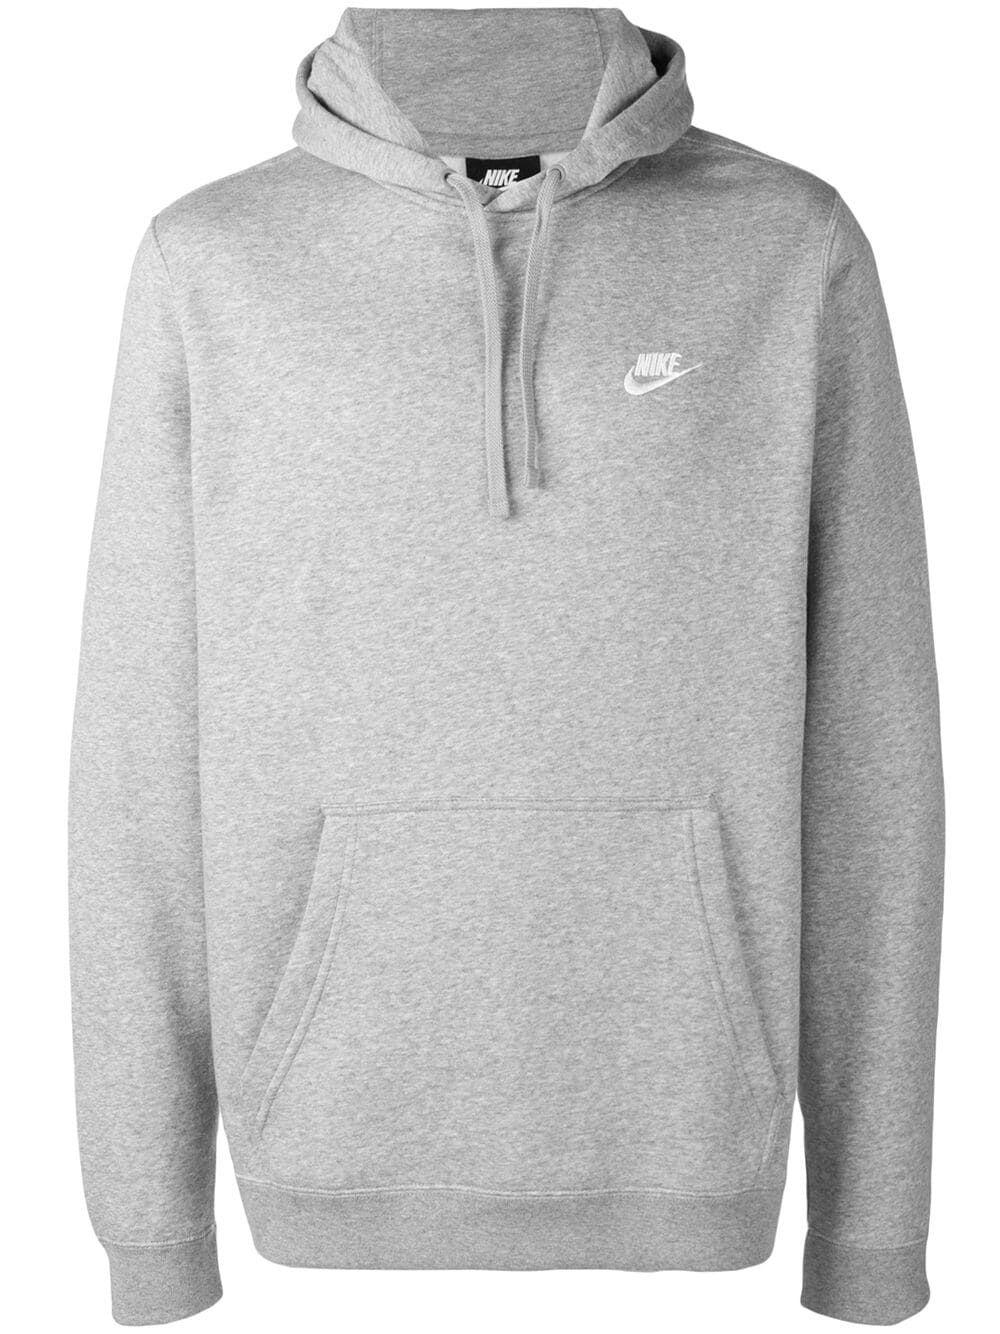 Nike Logo Embroidered Hoodie Grey Modesens Grey Nike Hoodie Nike Hoodie Outfit Nike Sweatshirts Hoodie [ 1334 x 1000 Pixel ]